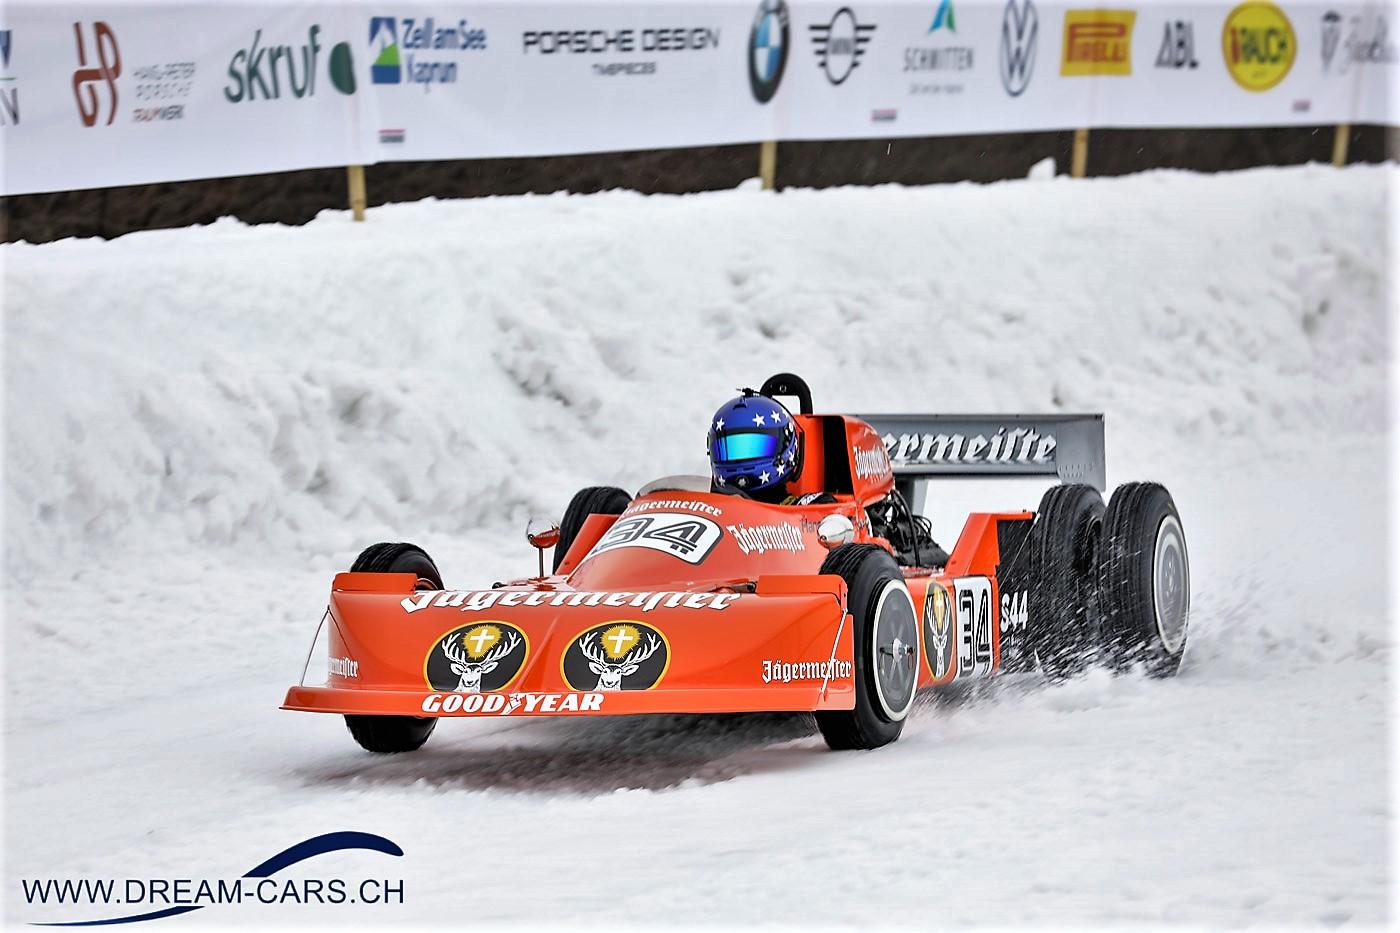 GP Ice Race, Zell am See, 1. und 2. Februar 2020. Hans-Joachim Stuck mit dem March F1 von 1974 bei seiner Fahrt auf der Eispiste